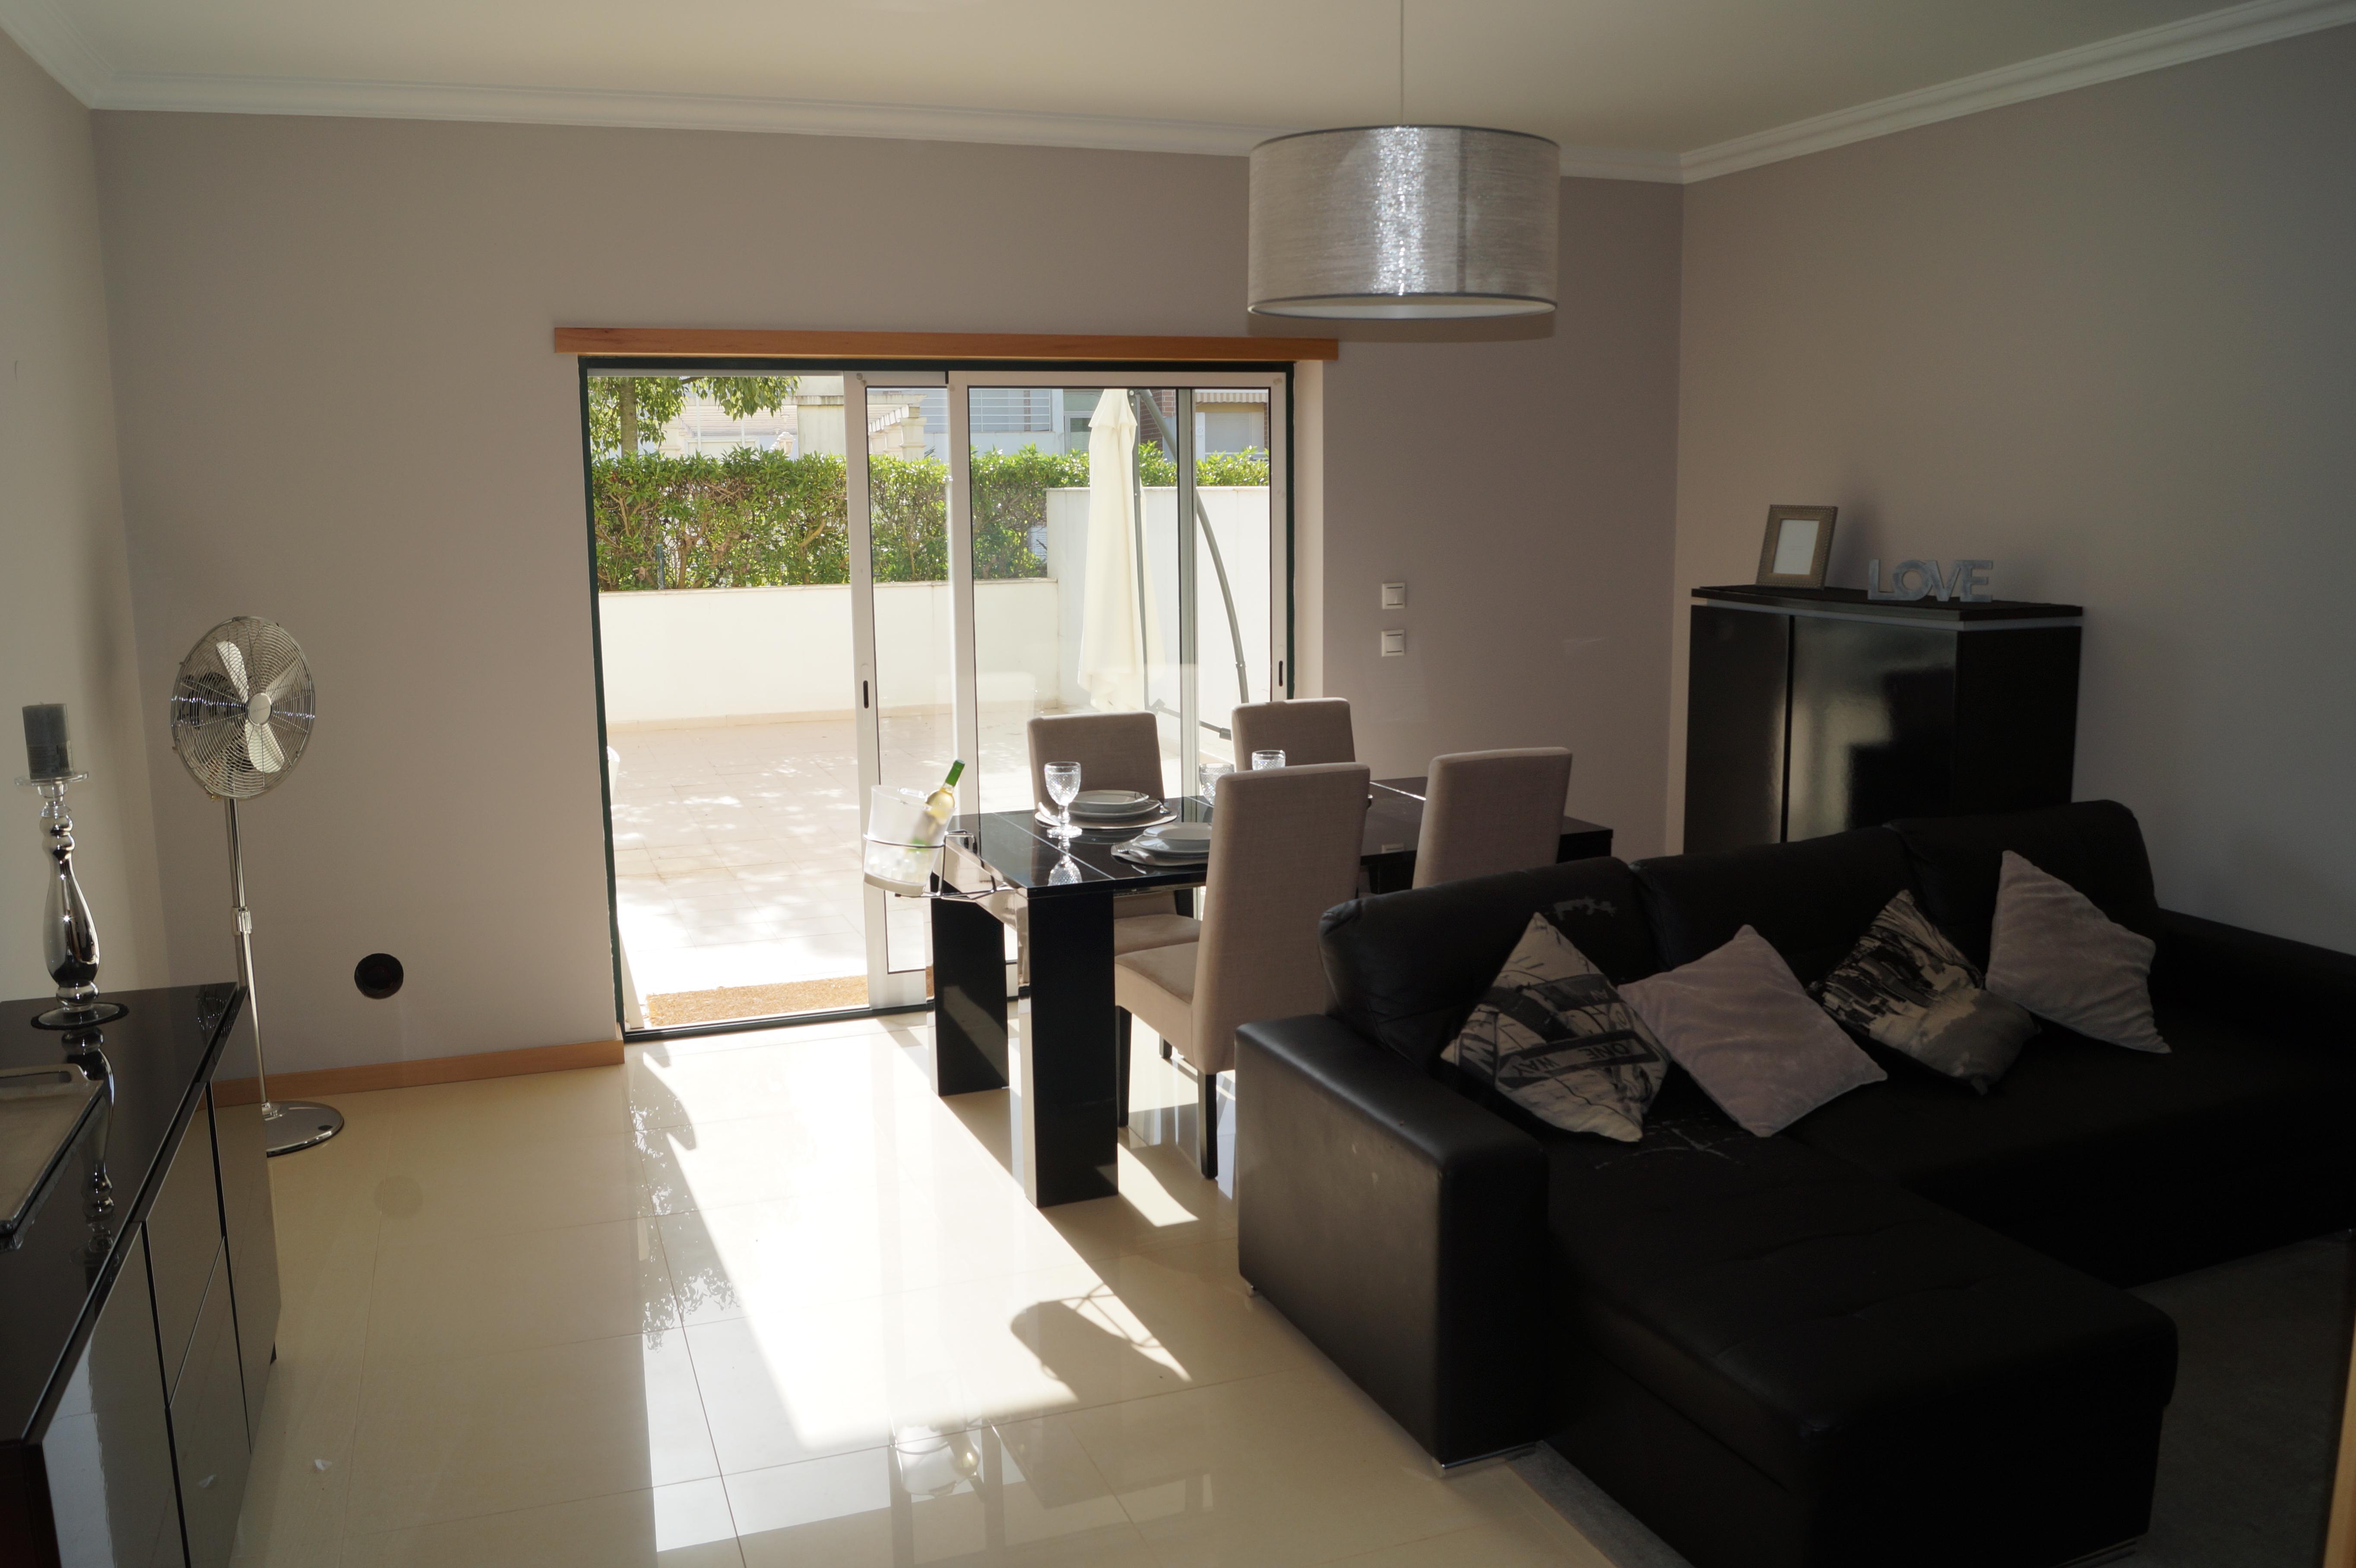 Location appartements et villas de vacance, Condominio Partilha Sol, Alvor, Portimao à Alvor, Portugal Algarve, REF_IMG_4403_4413